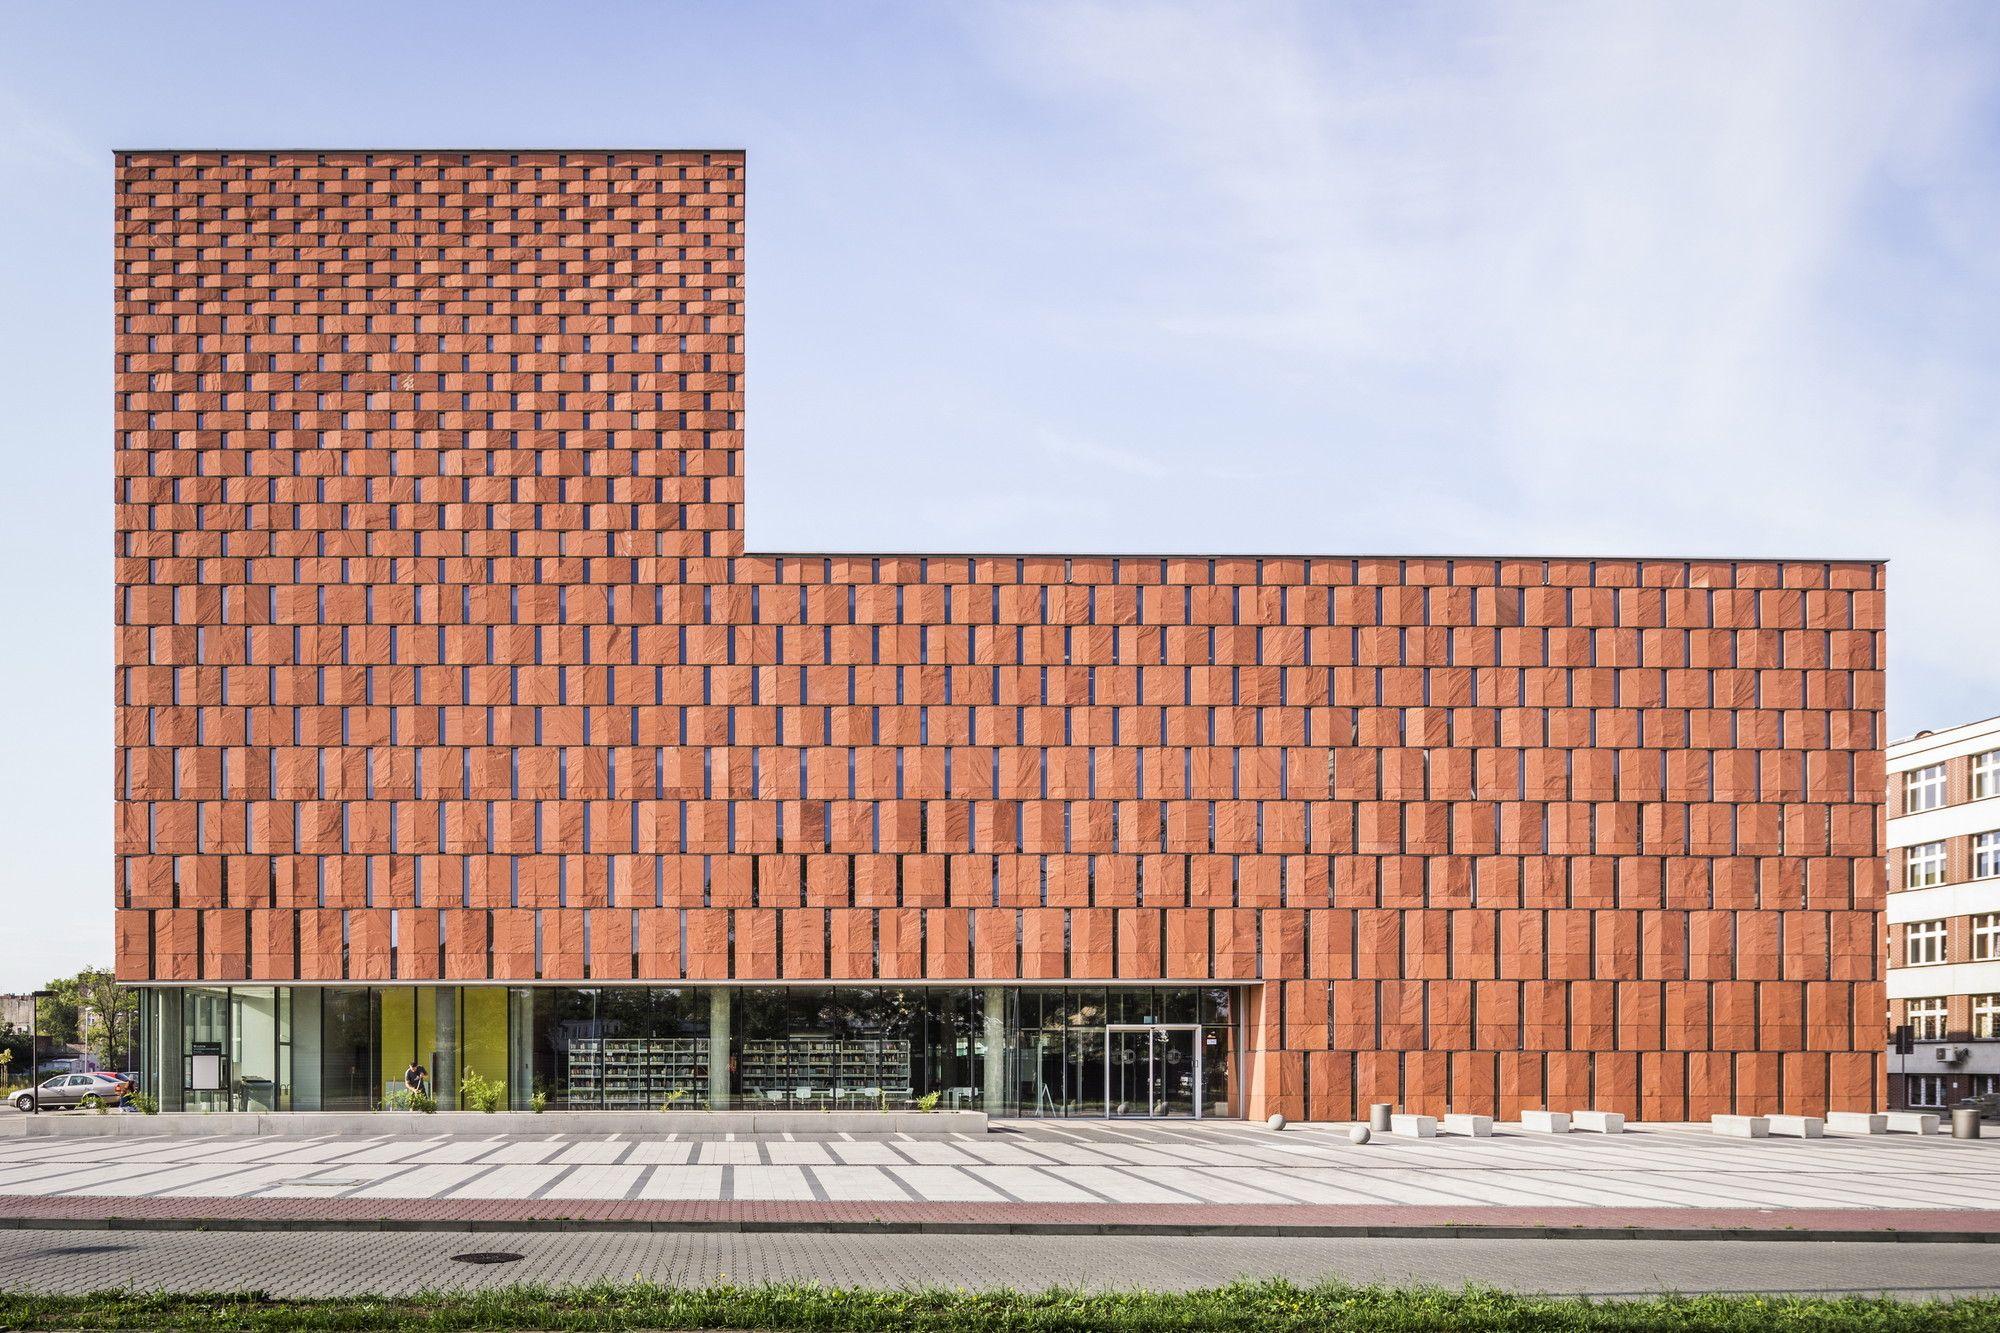 Construido por HS99 en Katowice, Poland con fecha 2011. Imagenes por Jakub Certowicz. En 2002, se lanzó un concurso por la Universidad de Silesia para el diseño de una nueva biblioteca que ofreciera un s...